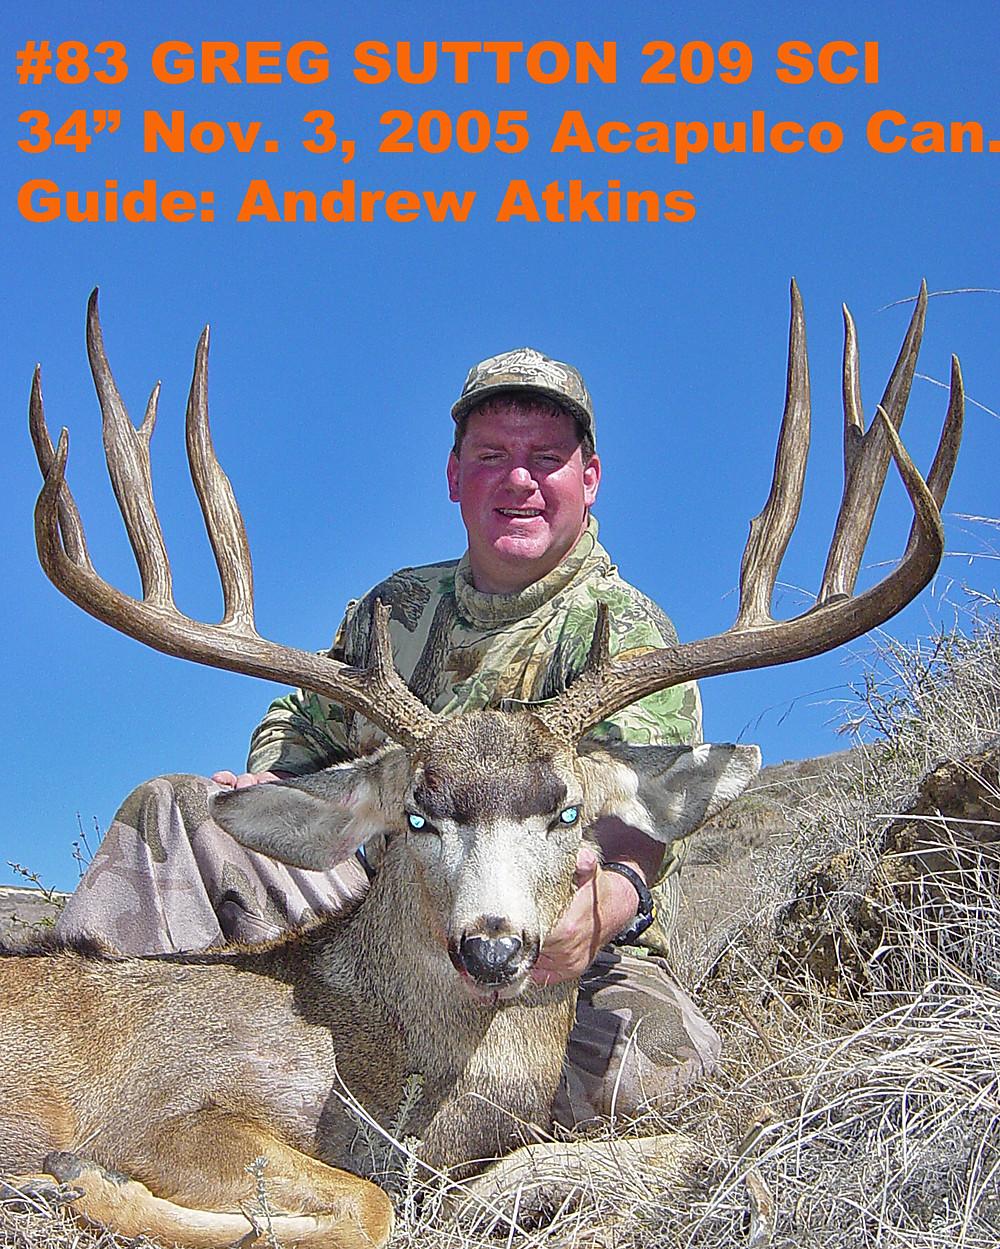 #83 Greg Sutton05.jpg